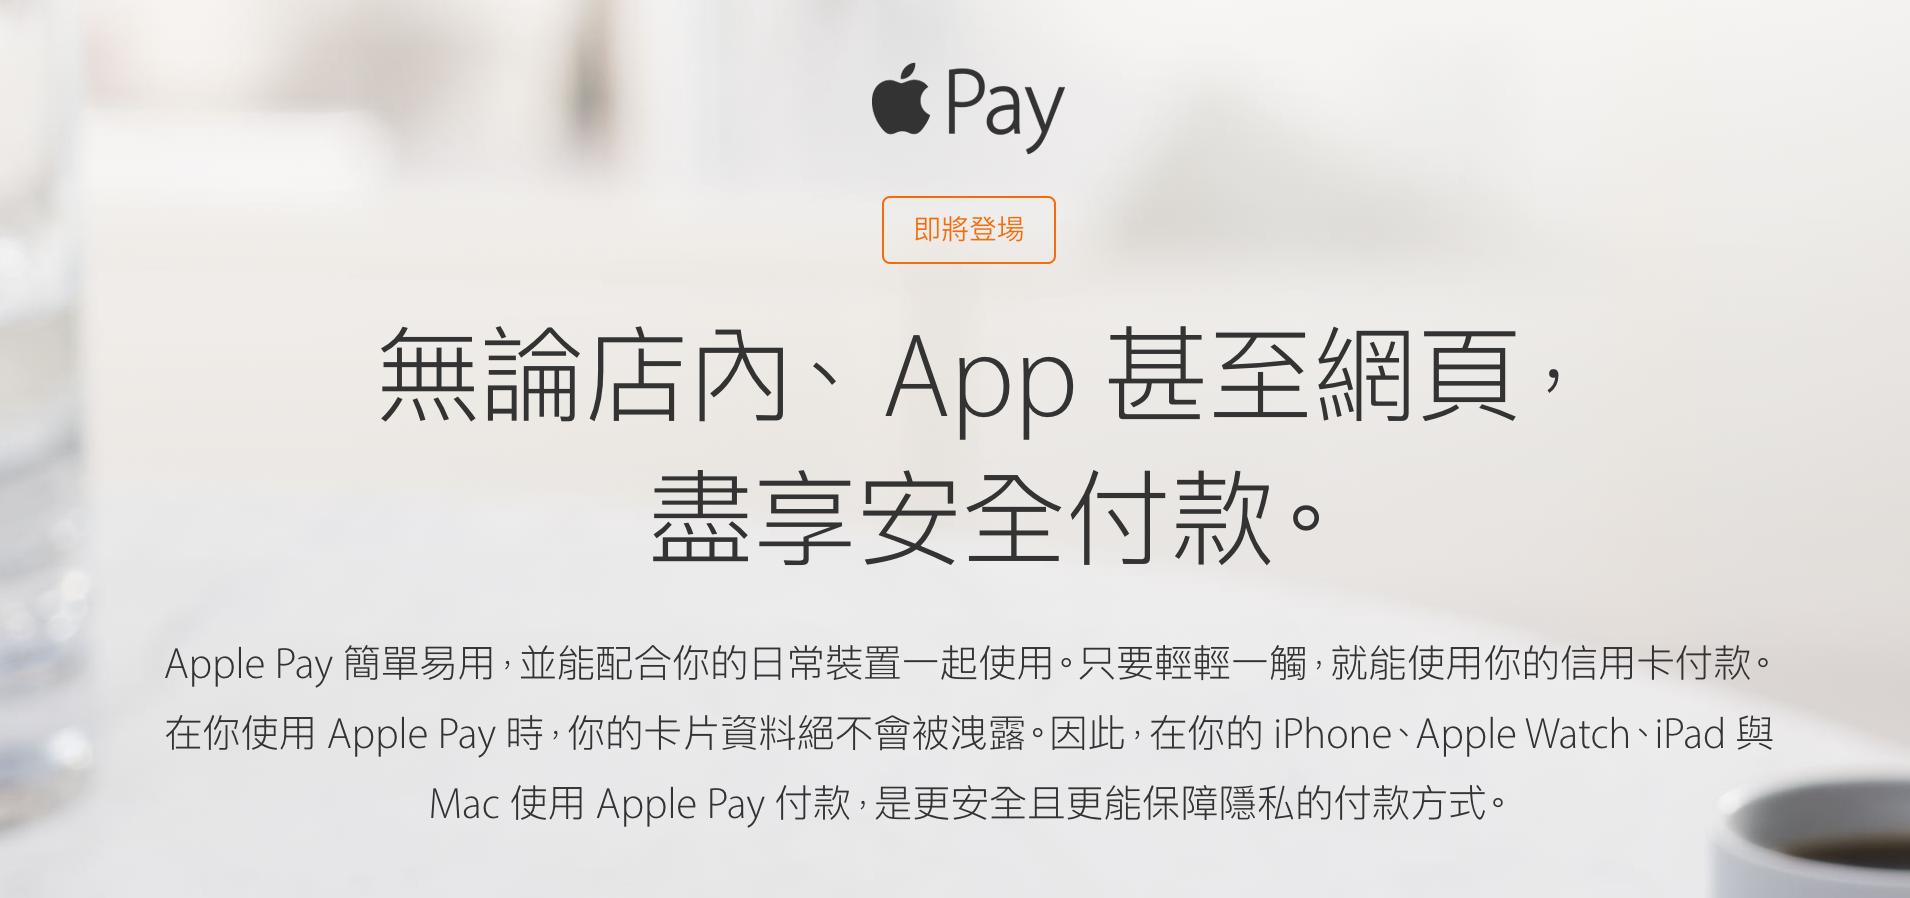 Apple Pay 要來了!首波將有中國信託、國泰世華、台北富邦等七家銀行加入